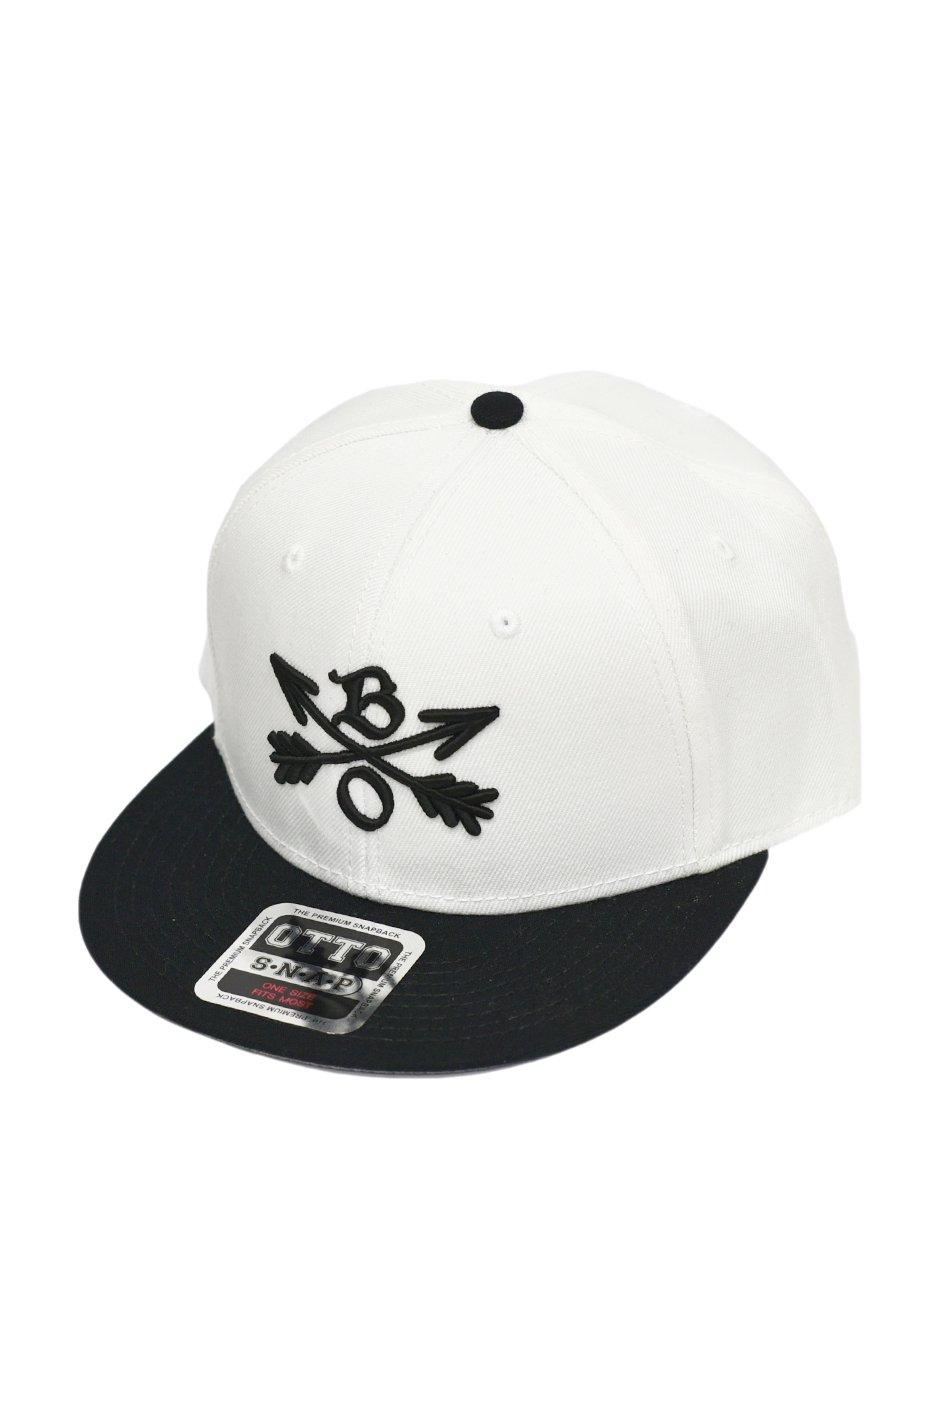 再入荷!Burnout(バーンアウト)Crossed Arrows Cap / 3D Embroidery / ホワイト×ブラック